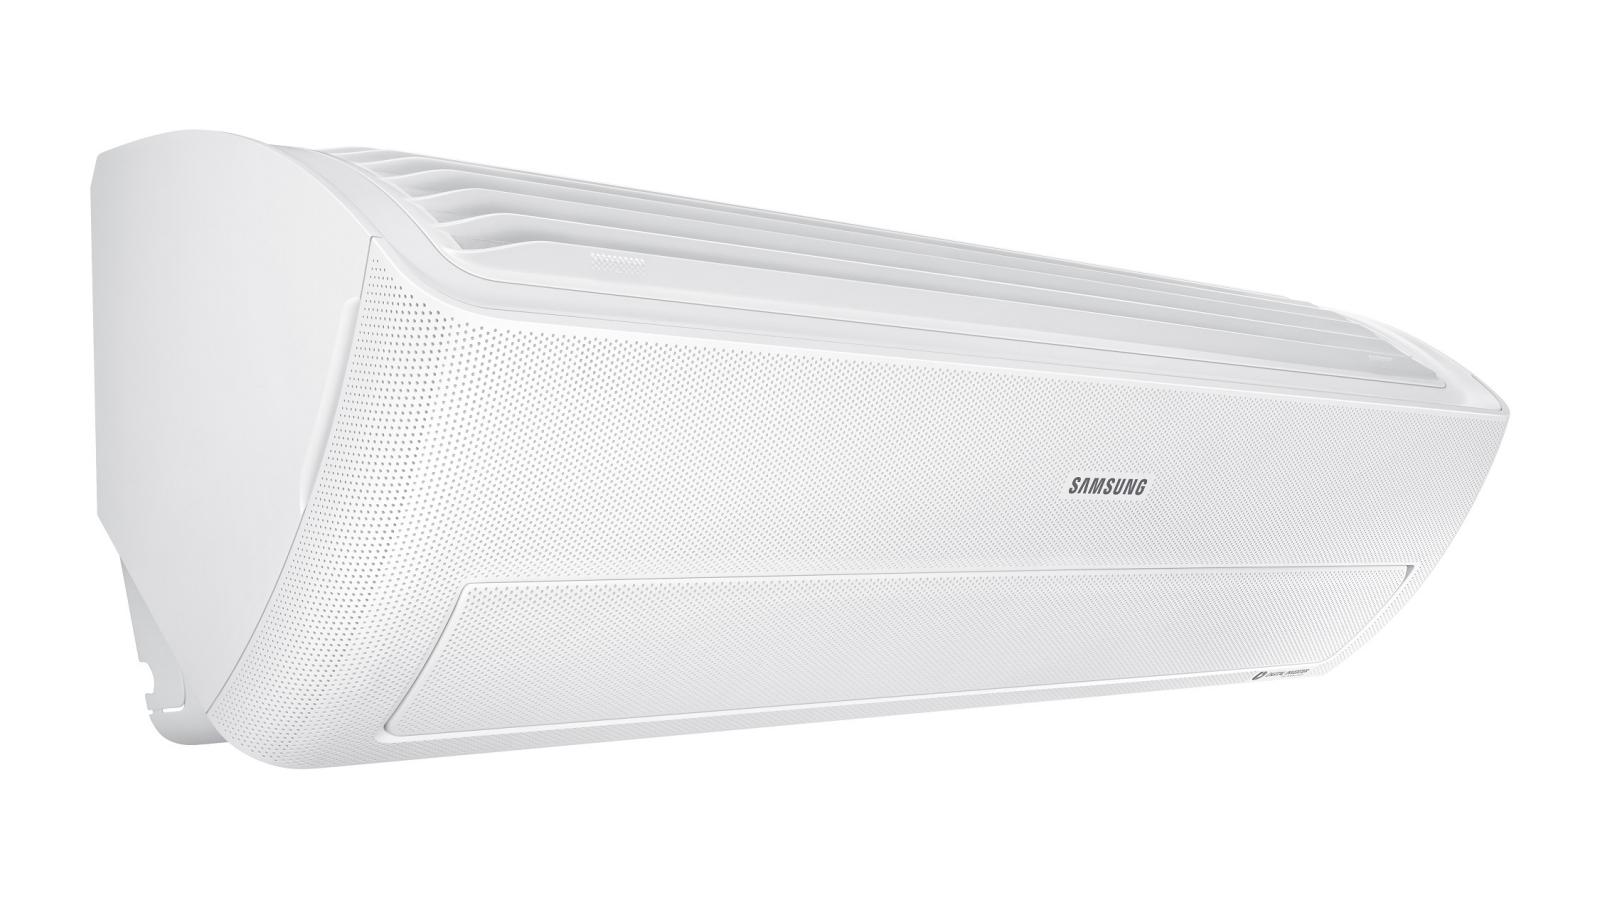 Samsung: ecco i nuovi condizionatori professionali della gamma WindFree thumbnail